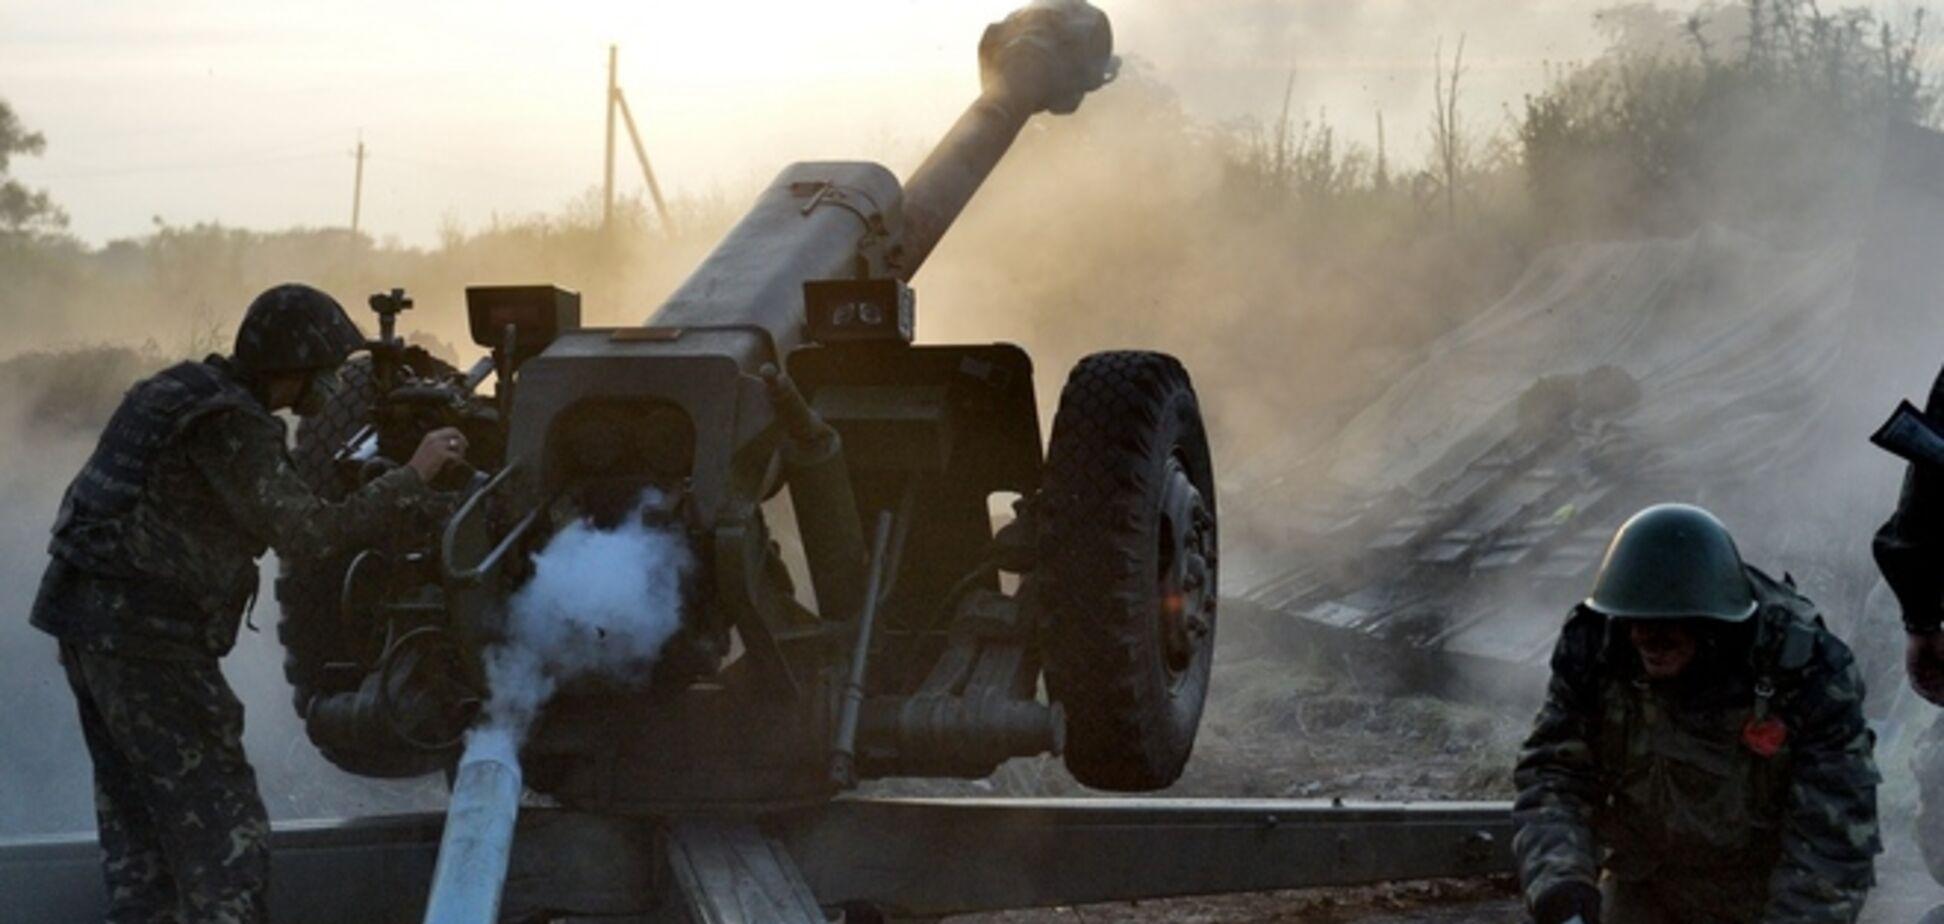 На Луганщине снаряды террористов попали в толпу людей: есть погибшие